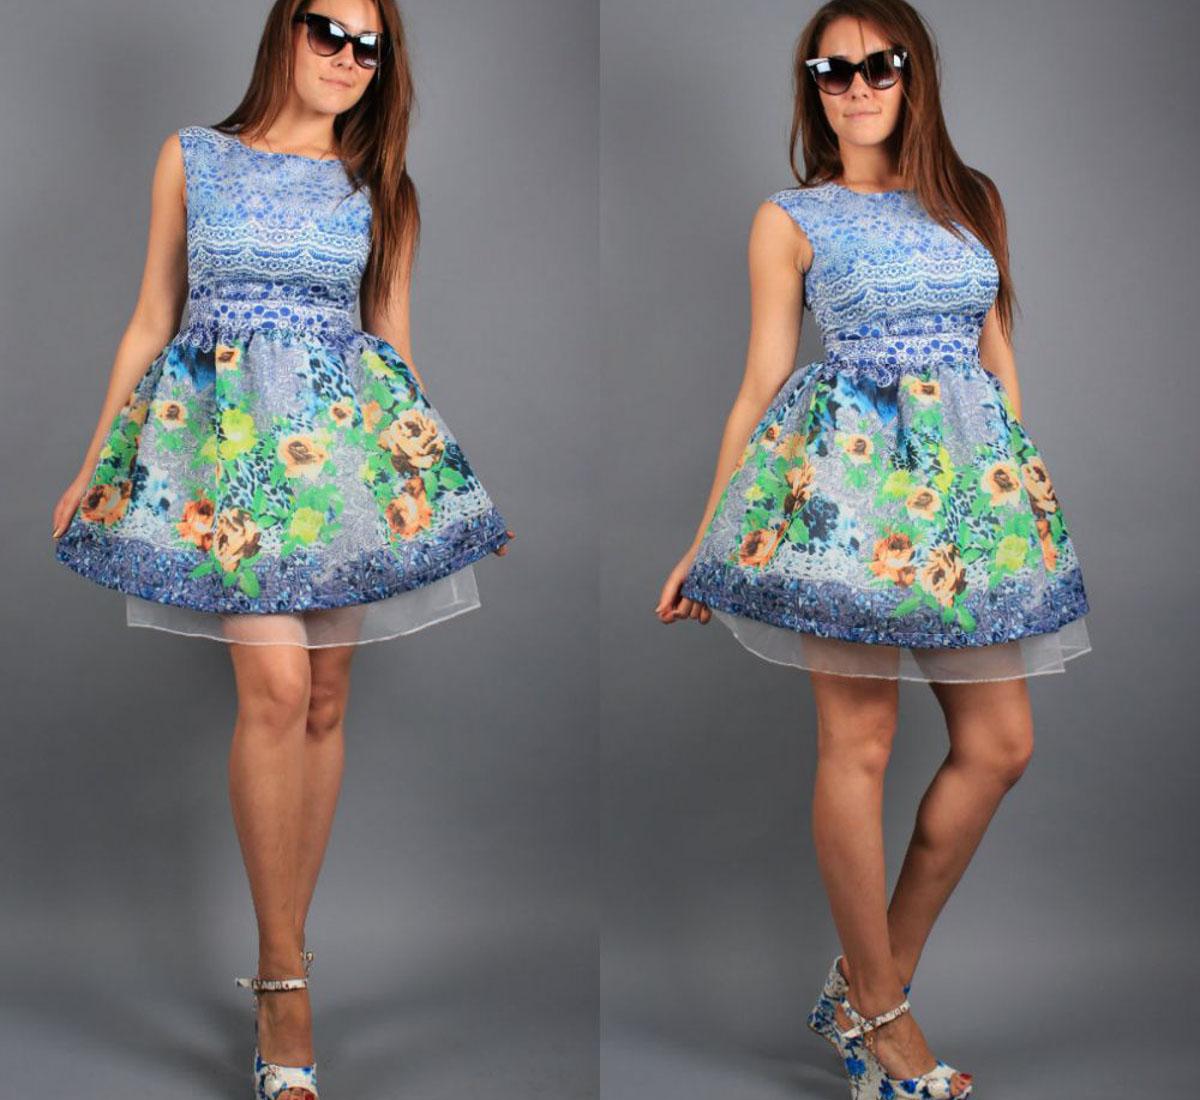 Шьем платье с пышной юбкой